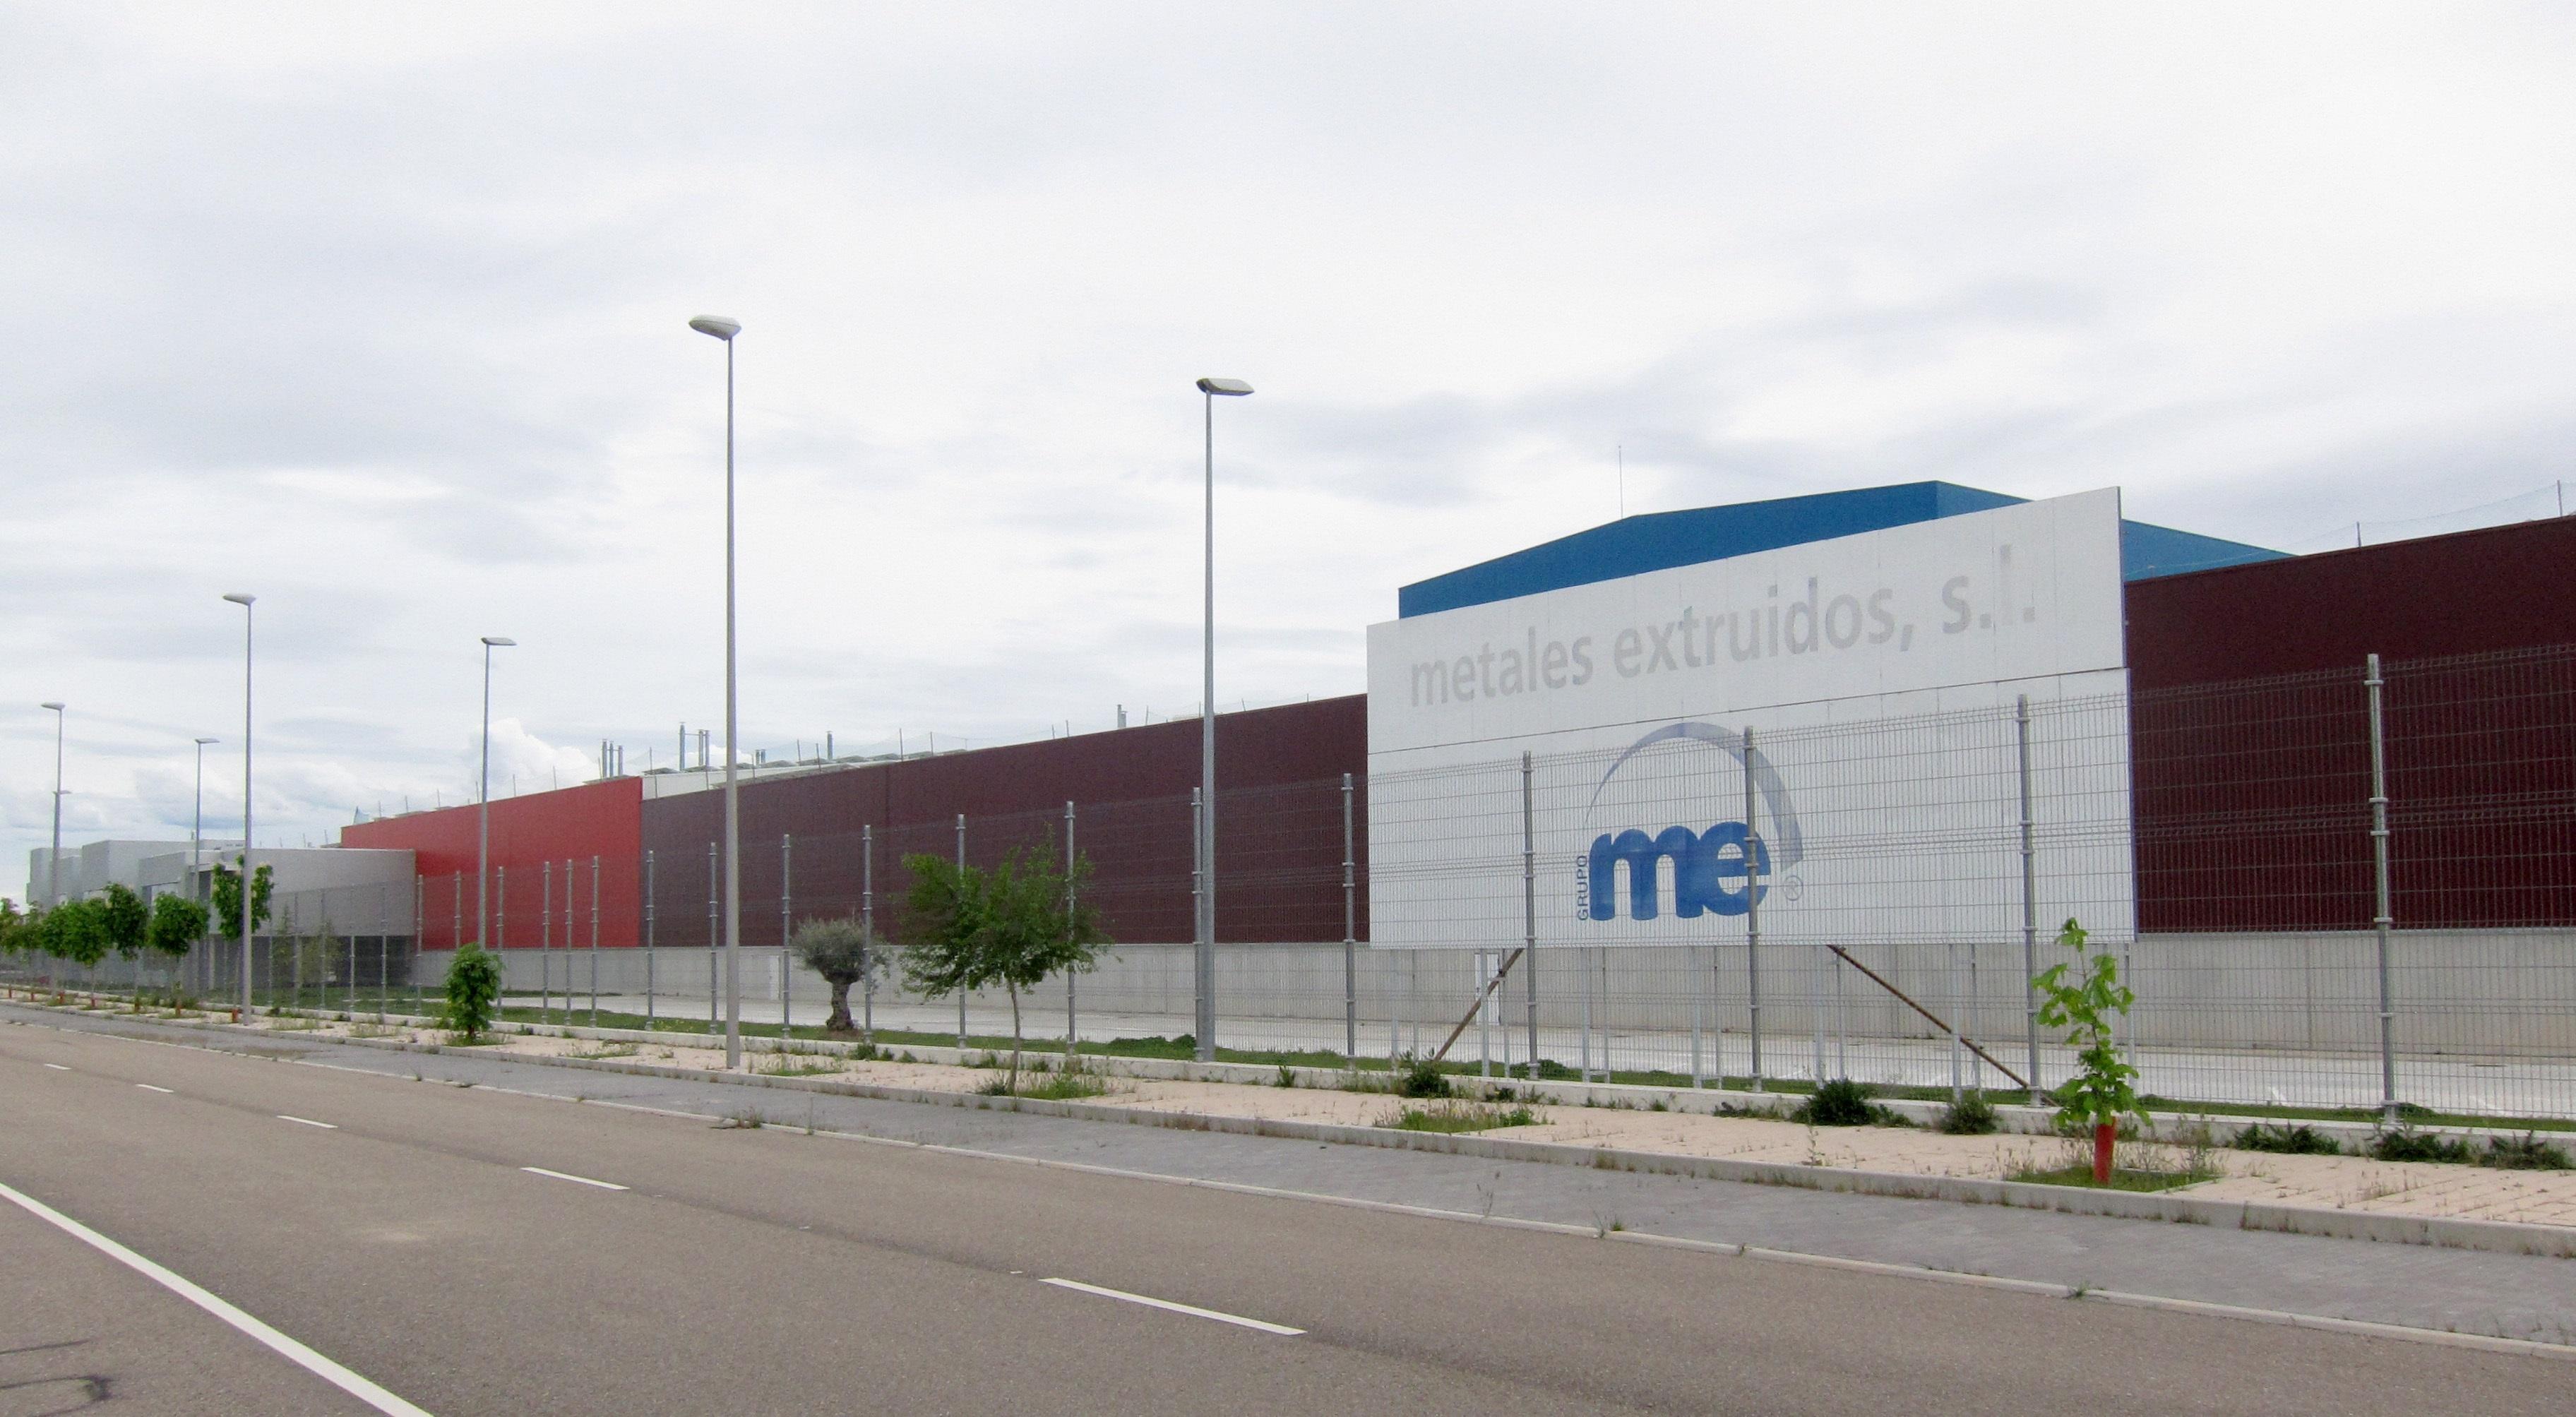 La administración concursal propone la venta de Metales Extruidos a una empresa mexicana